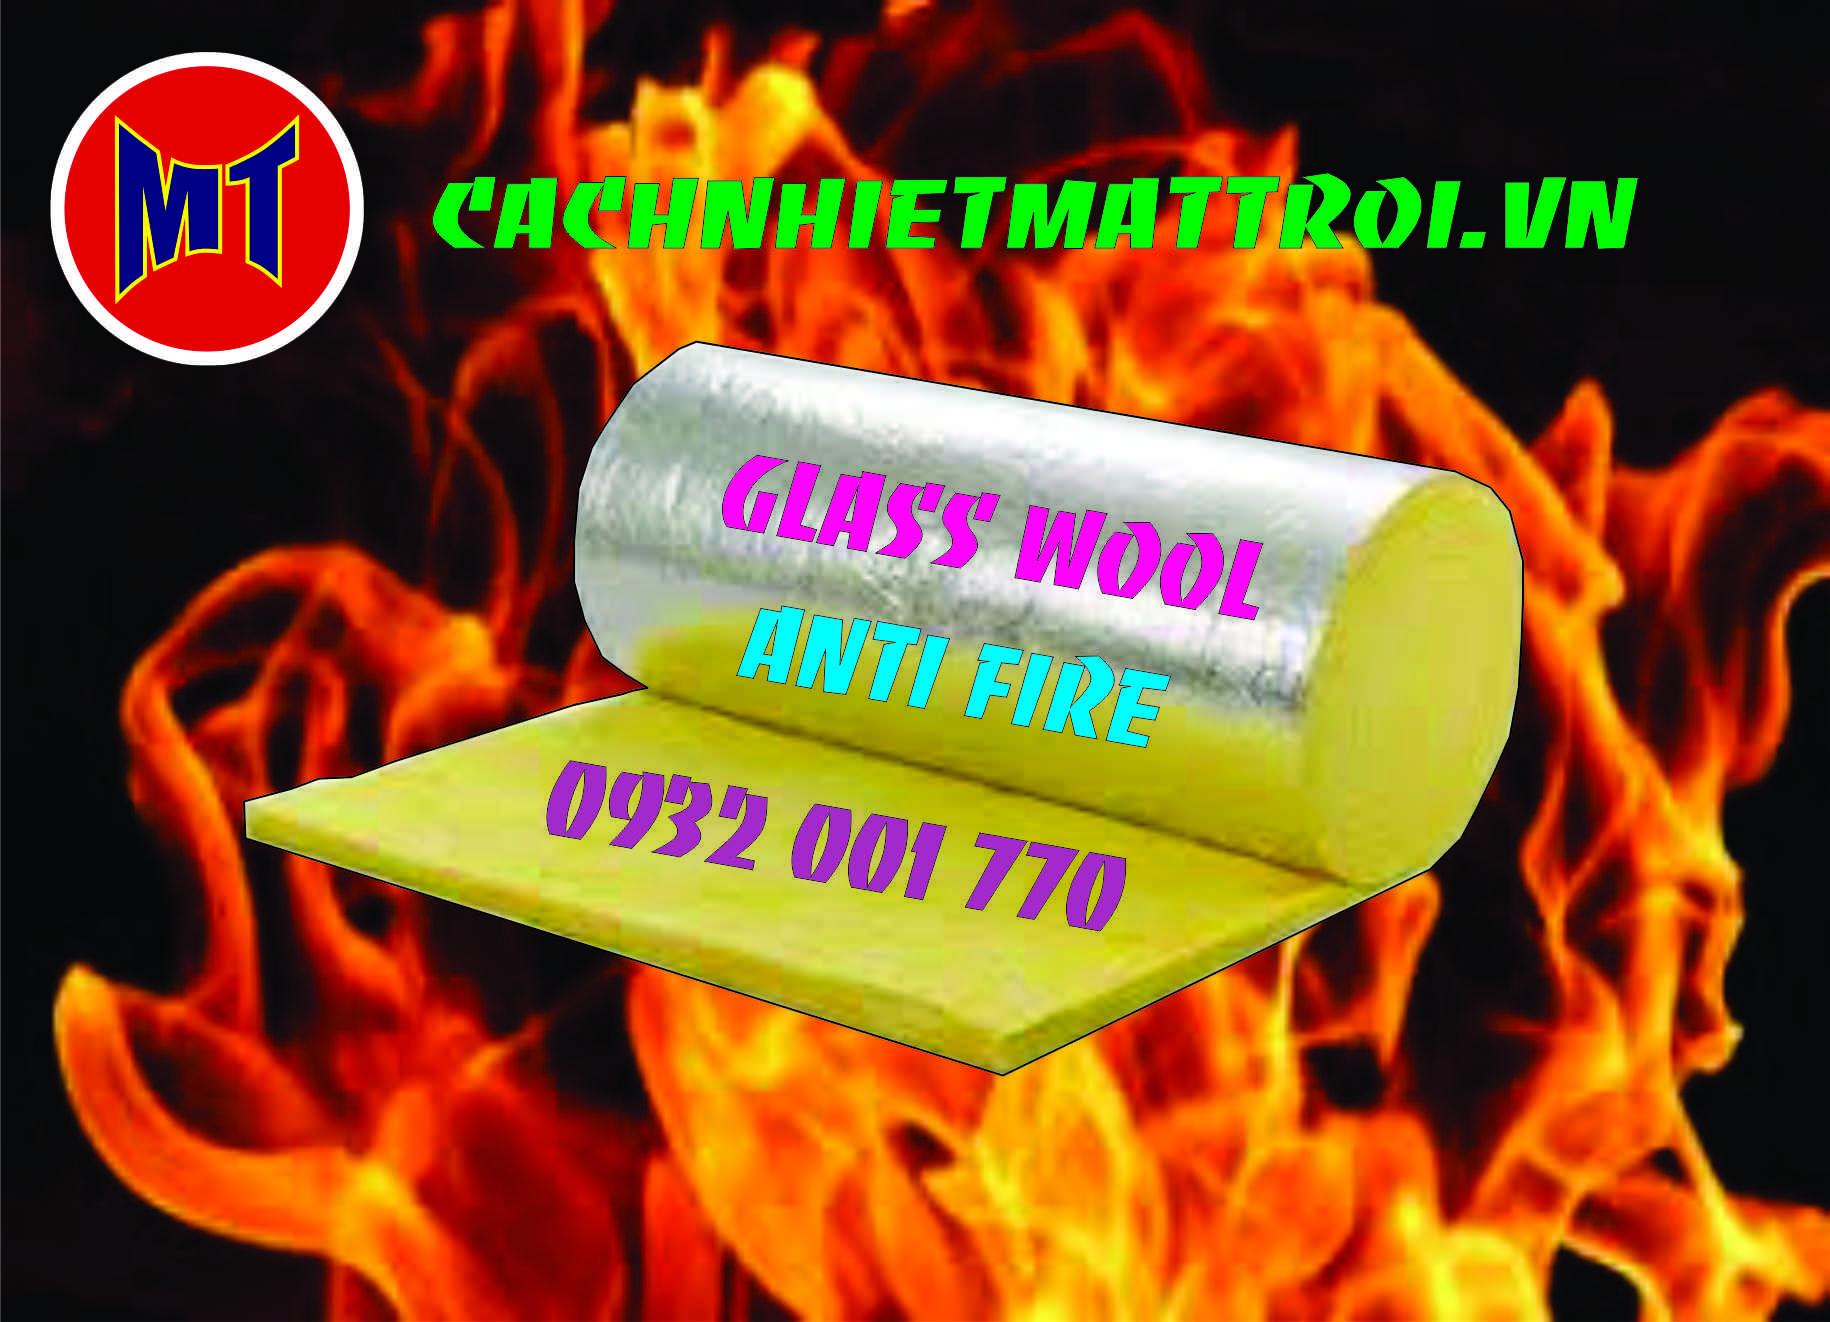 hình ảnh sản phẩm Bông thủy tinh bảo ôn, cách nhiệt, chống cháy.